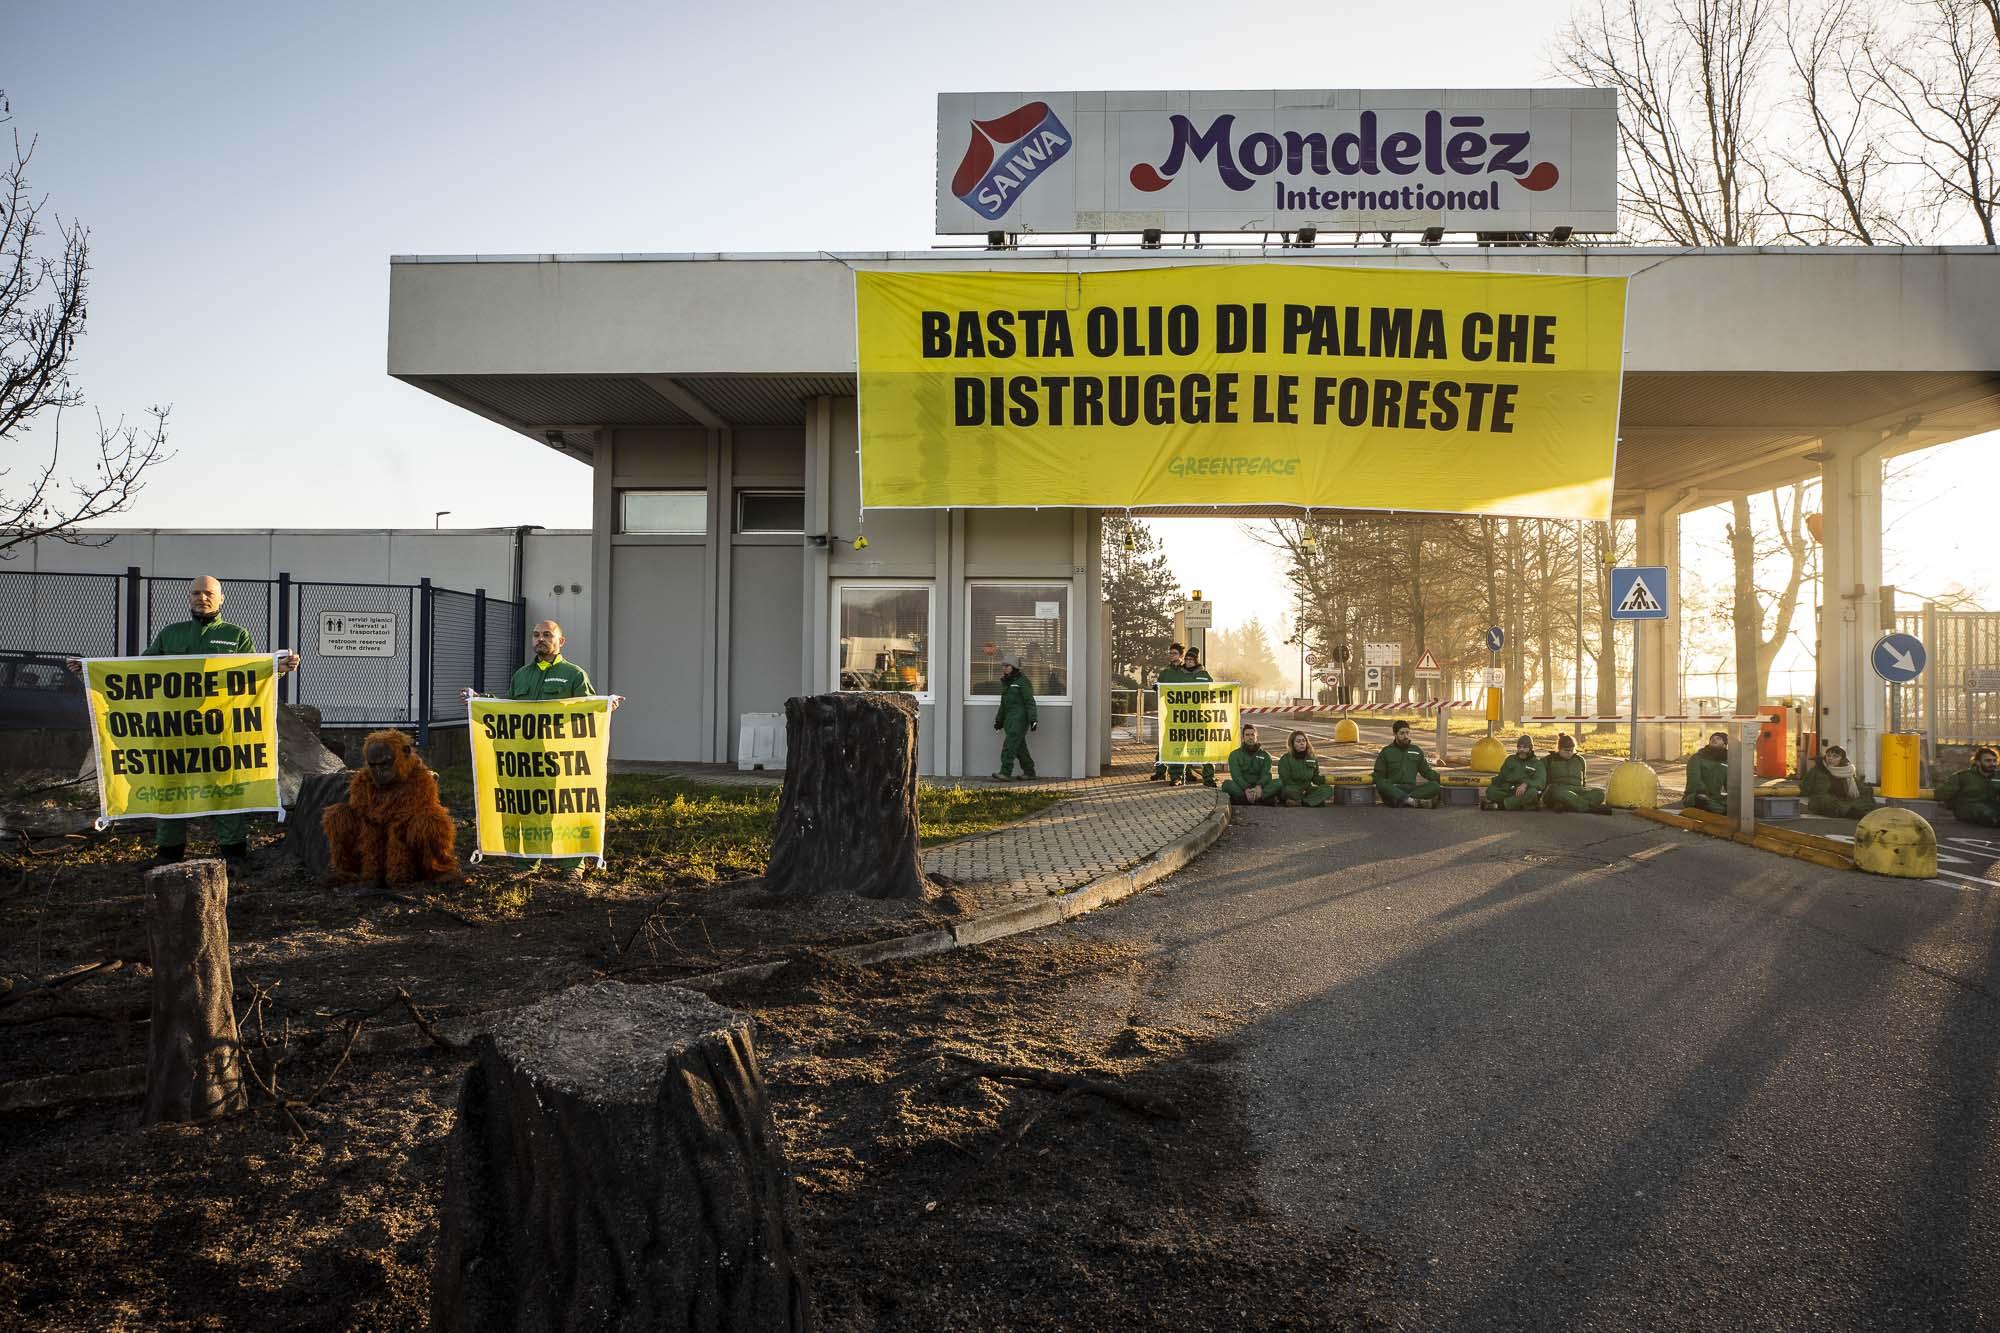 greenpeace mondelez olio di palma deforestazione 2